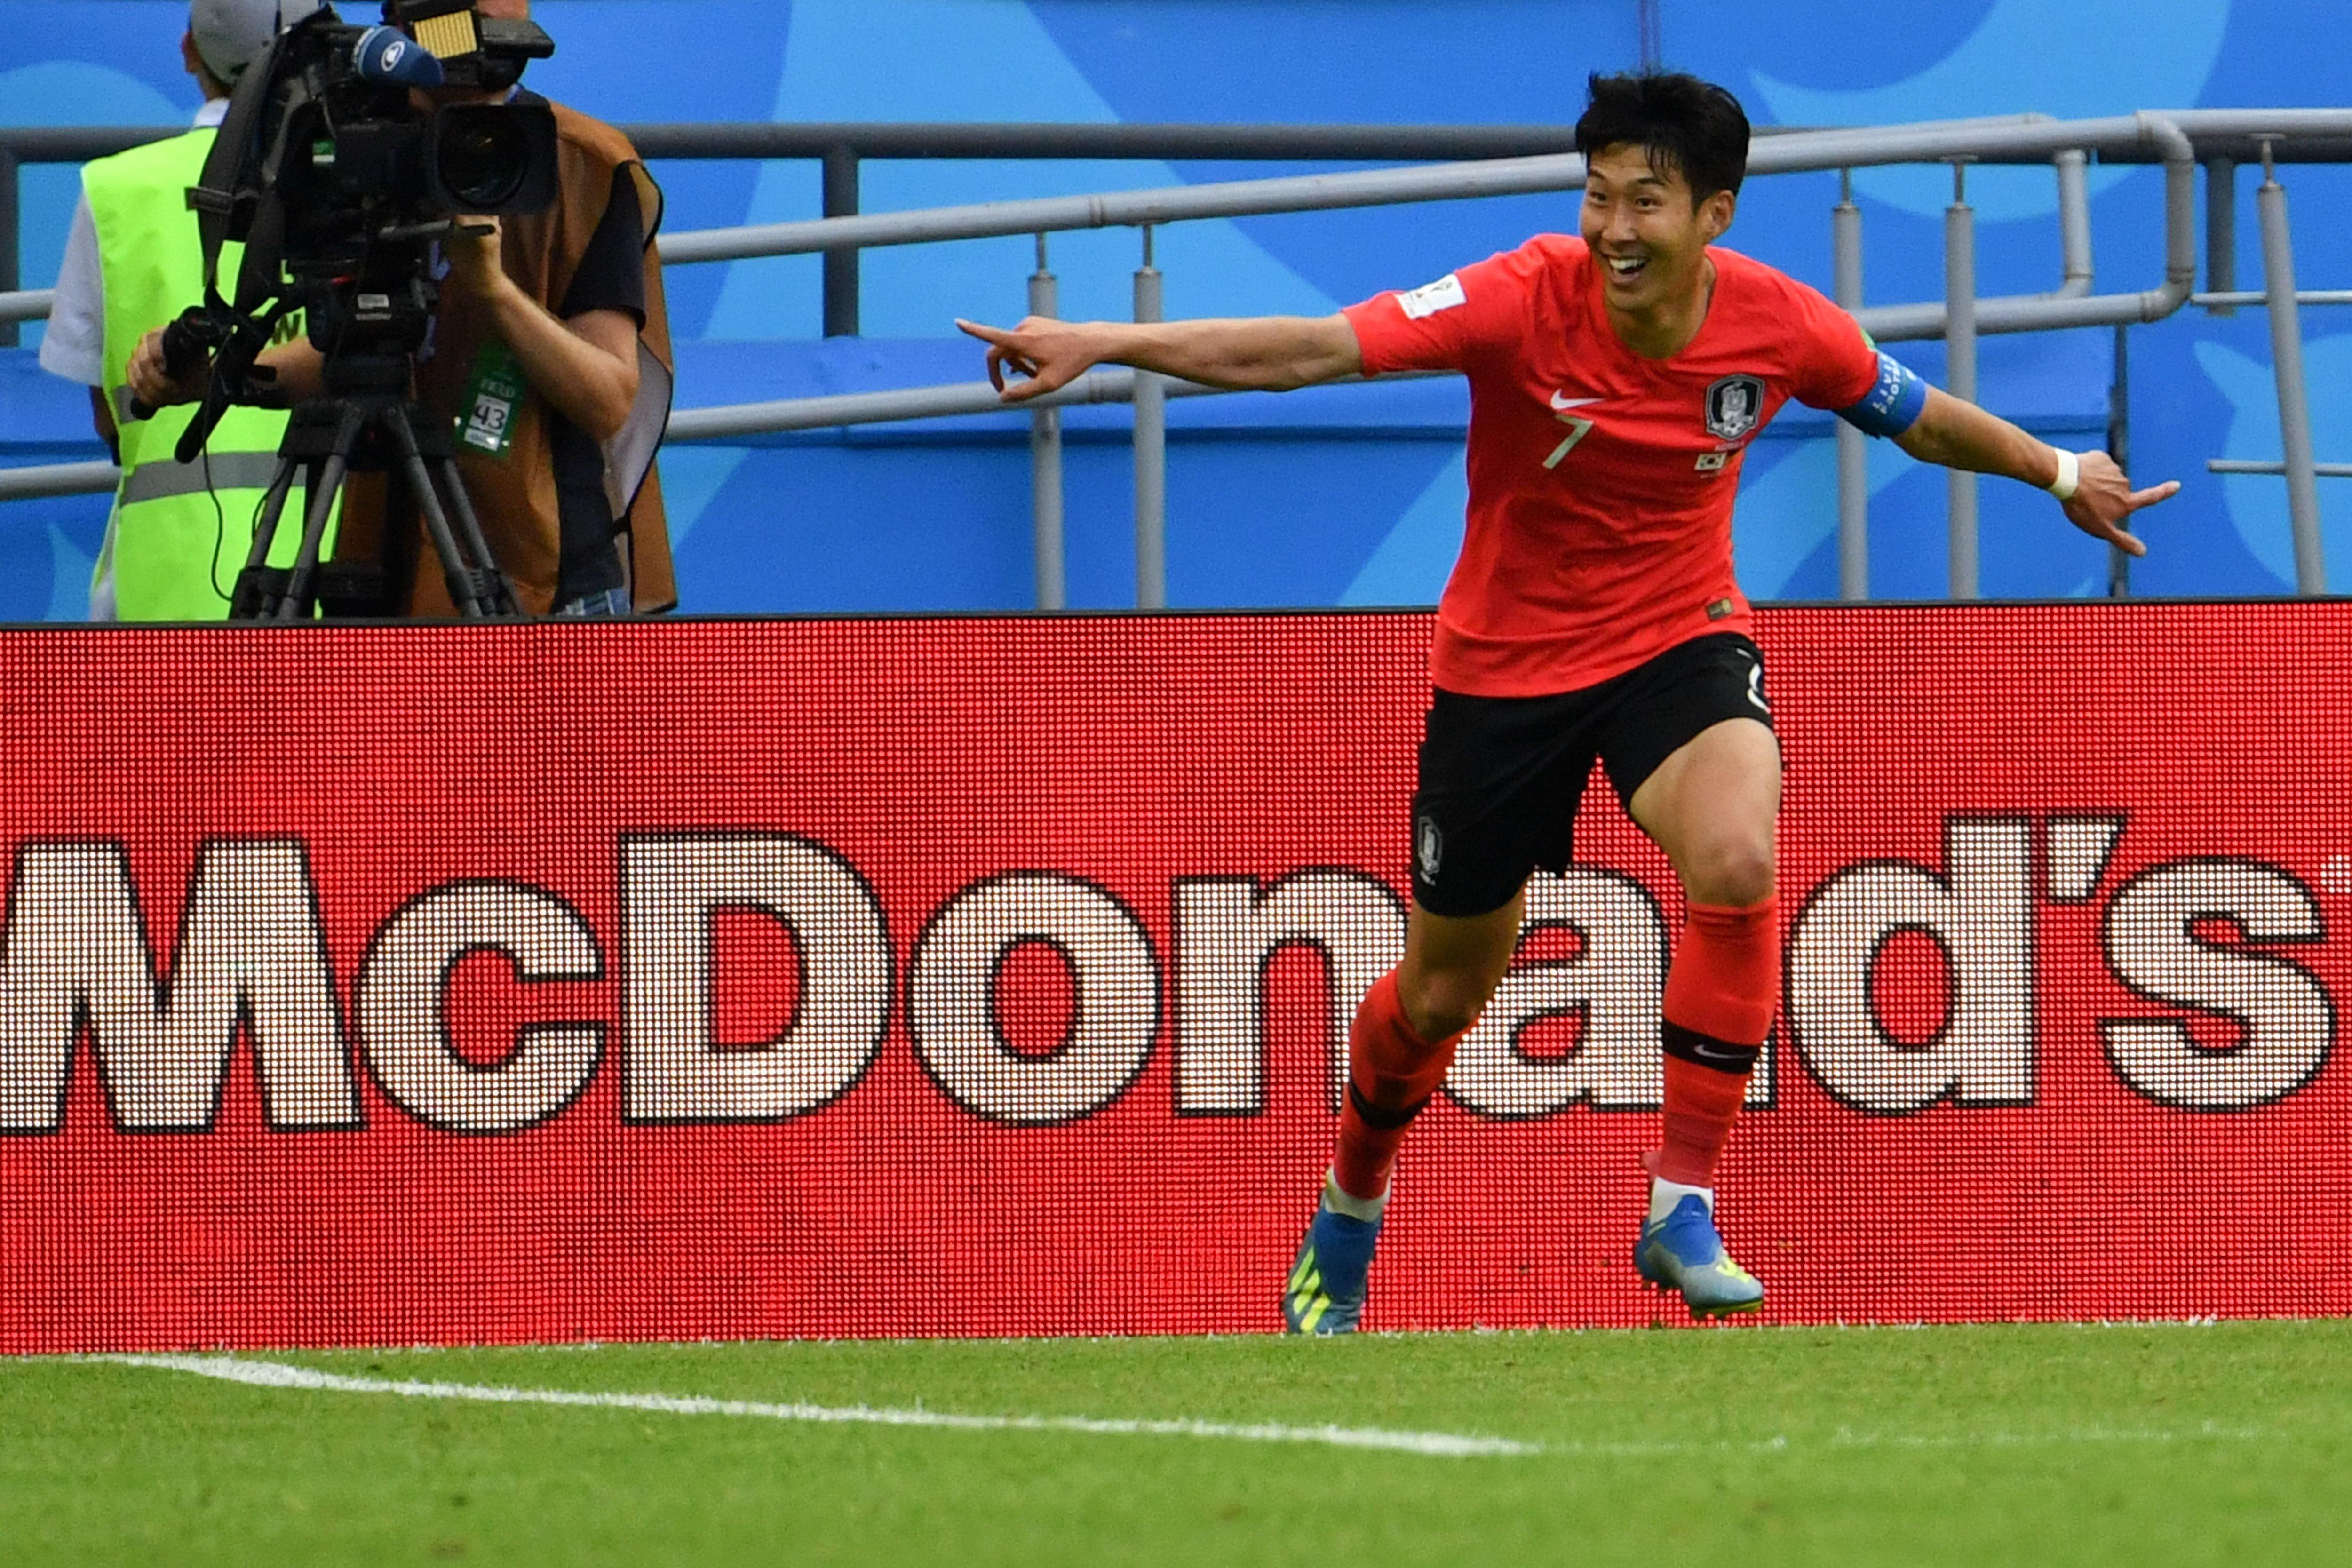 한국의 독일 전 두 골은 오프사이드 규칙을 알려주는 교과서다